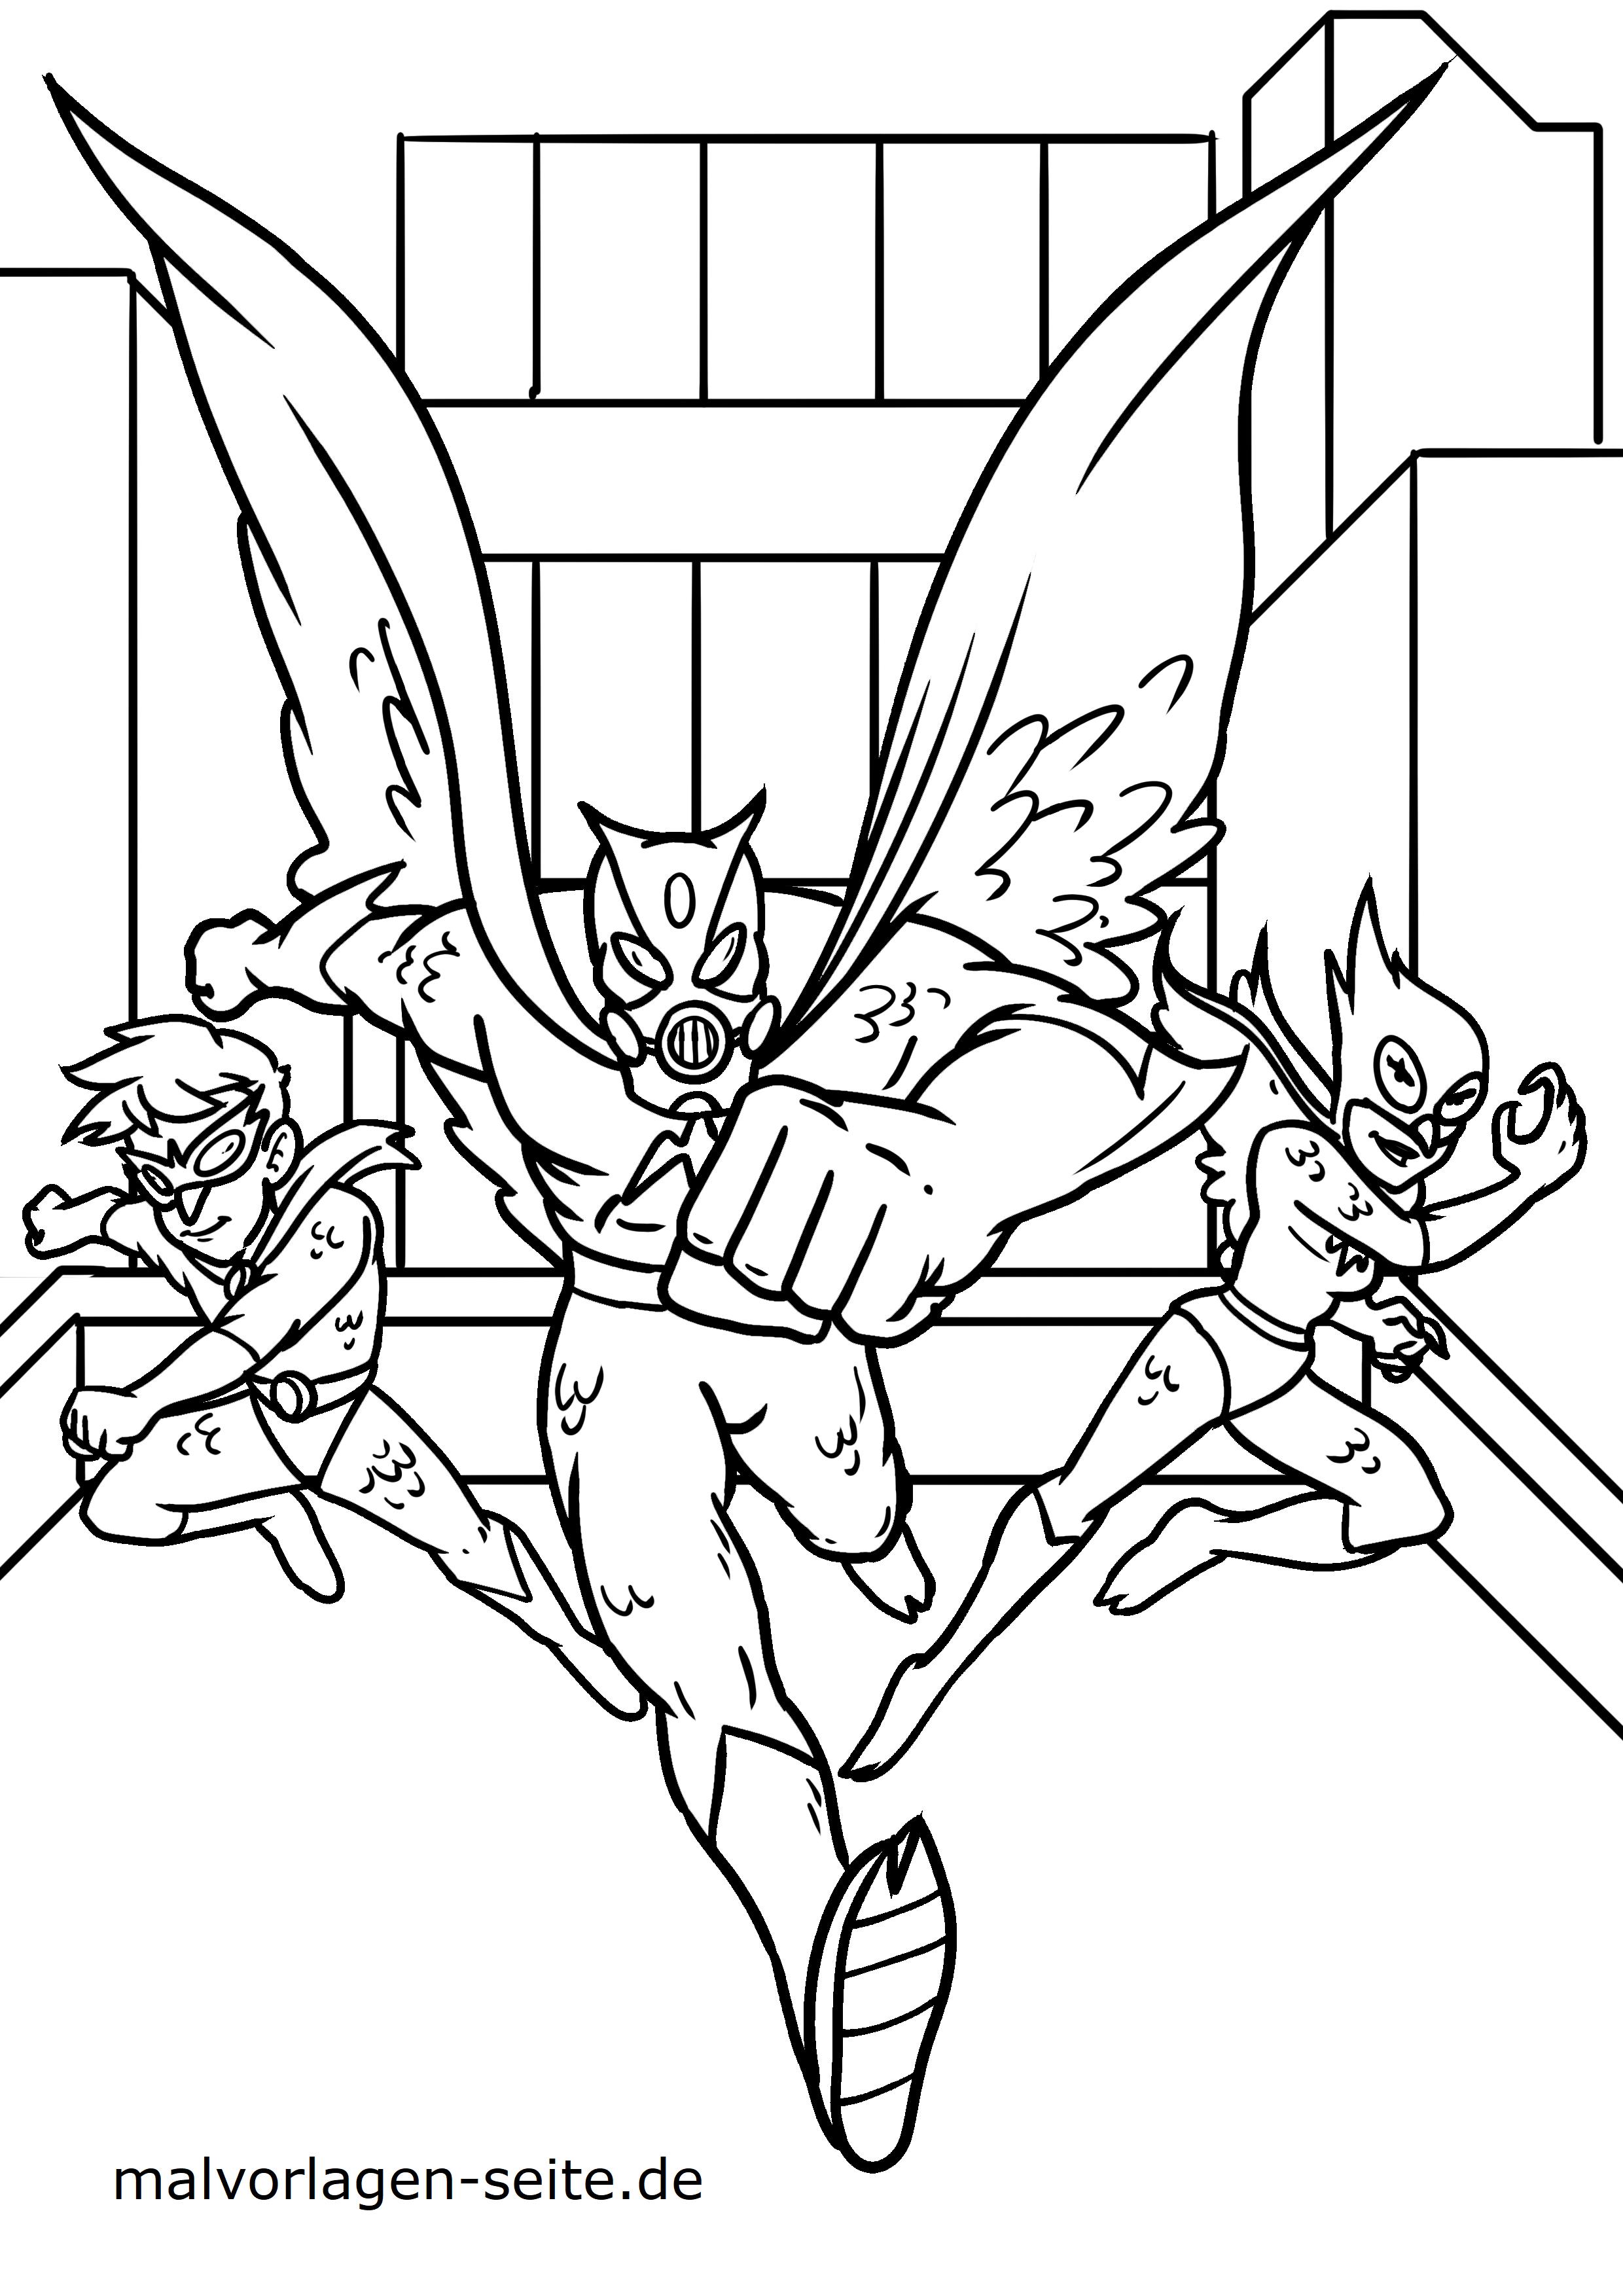 superhelden vorlagen zum ausmalen  malvorlagen